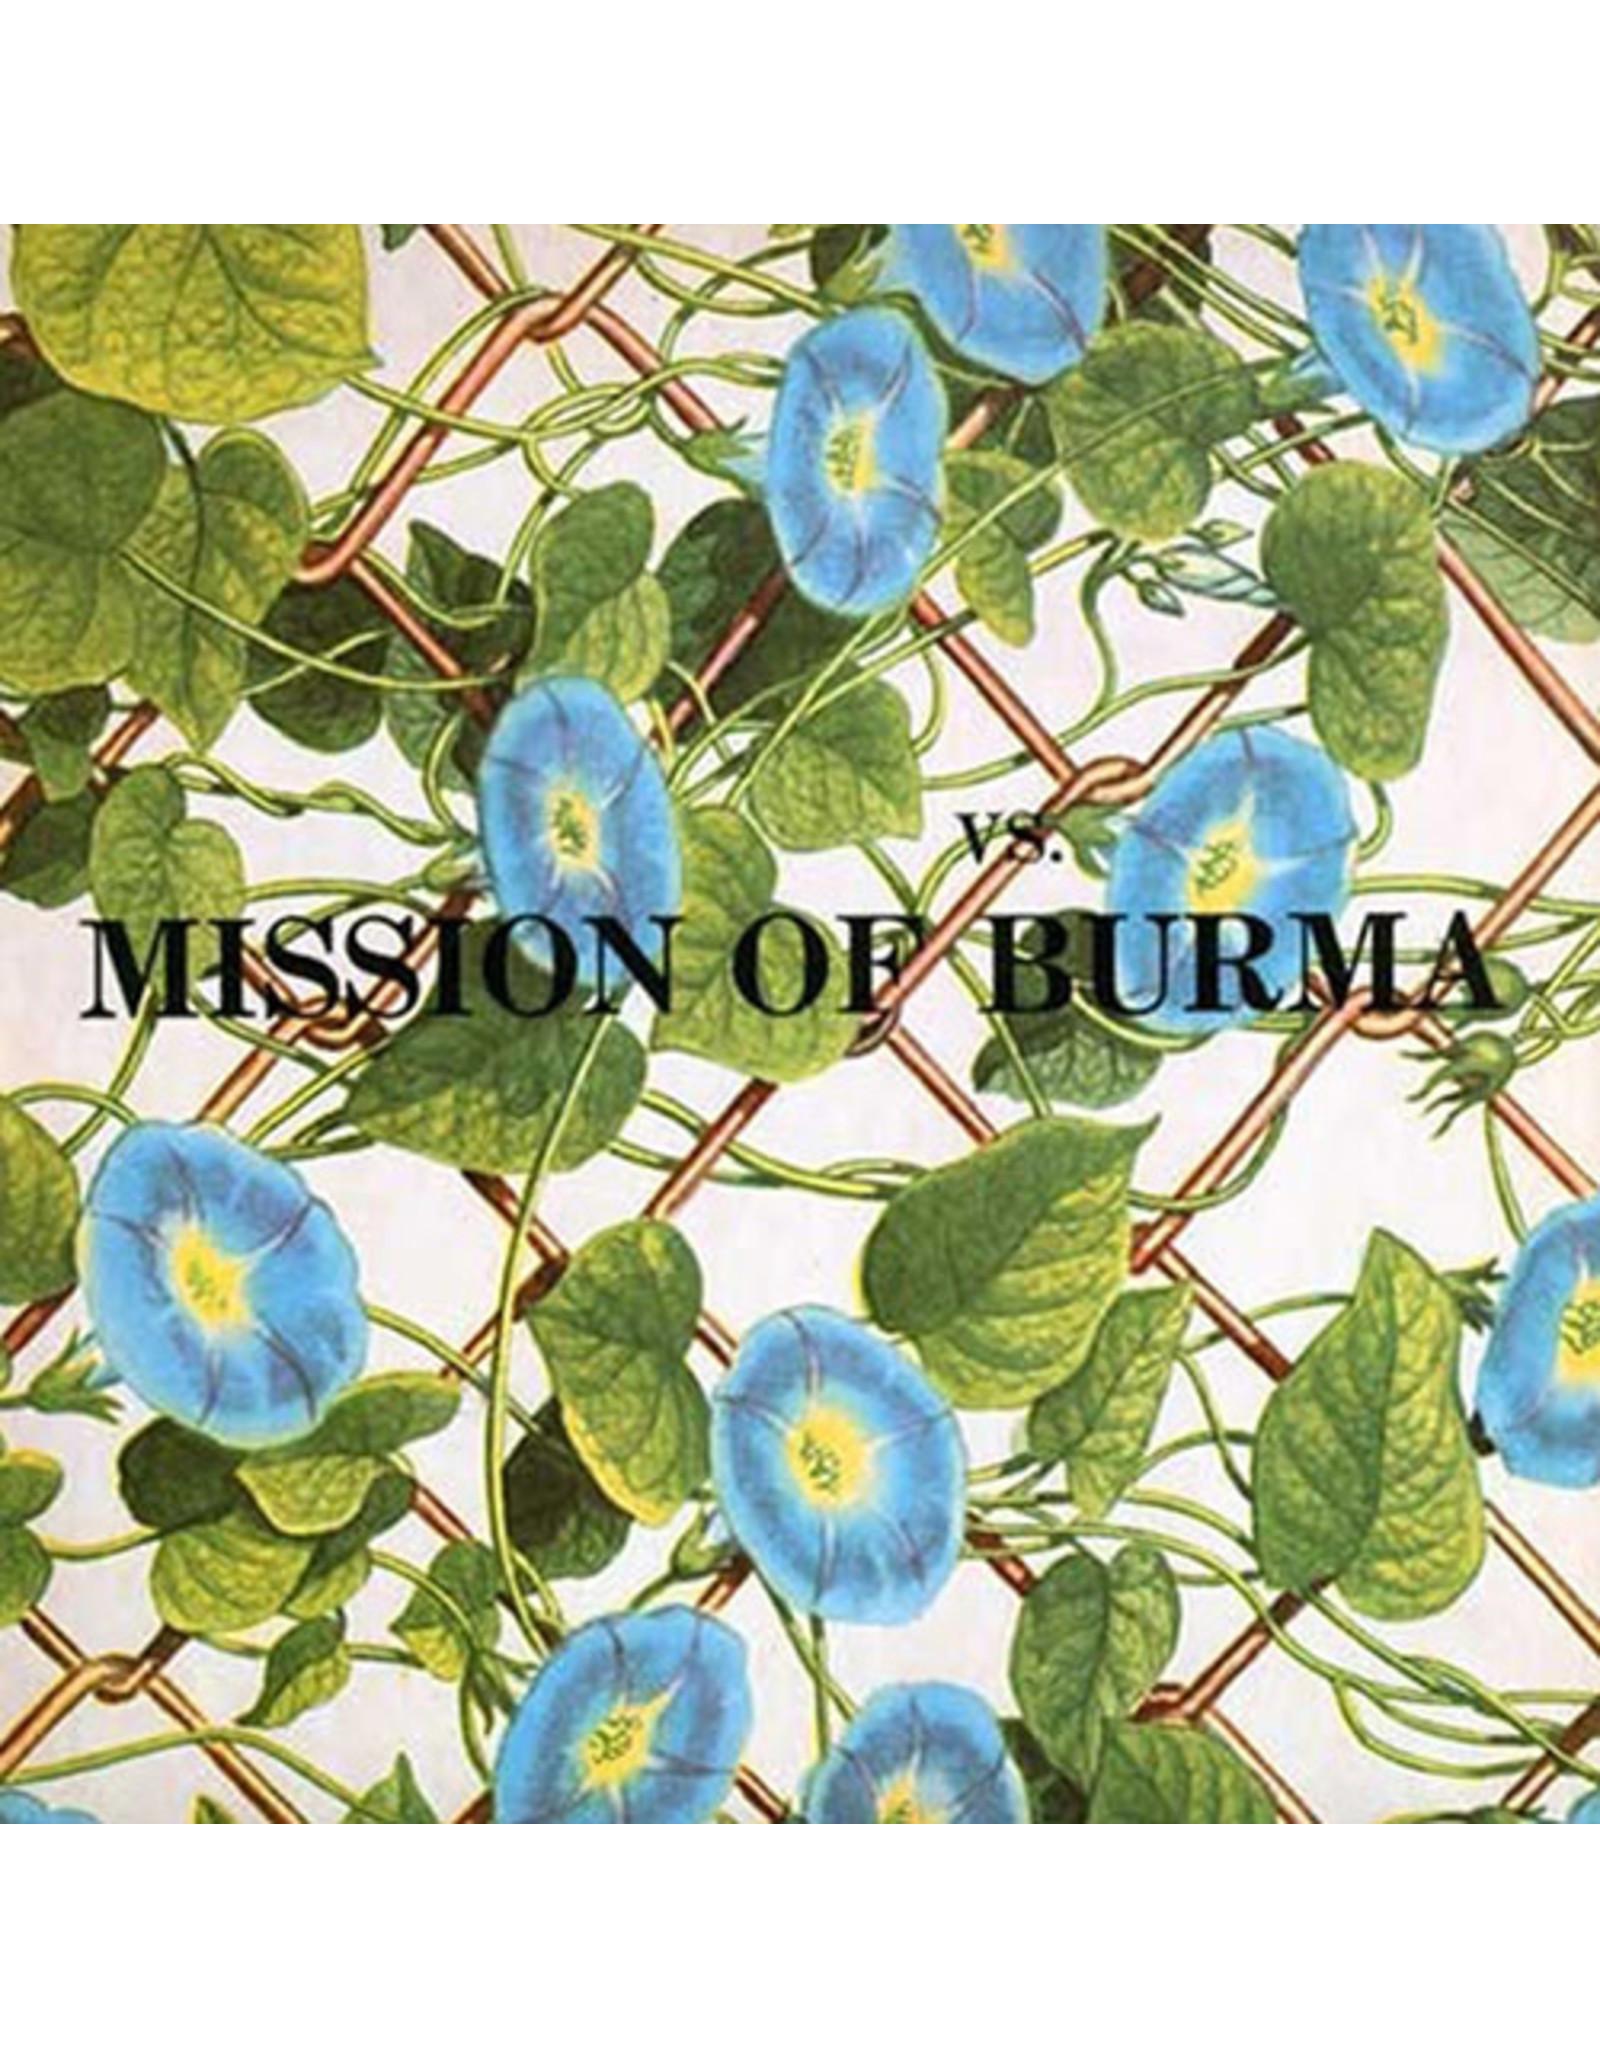 Matador Mission Of Burma: Vs. LP